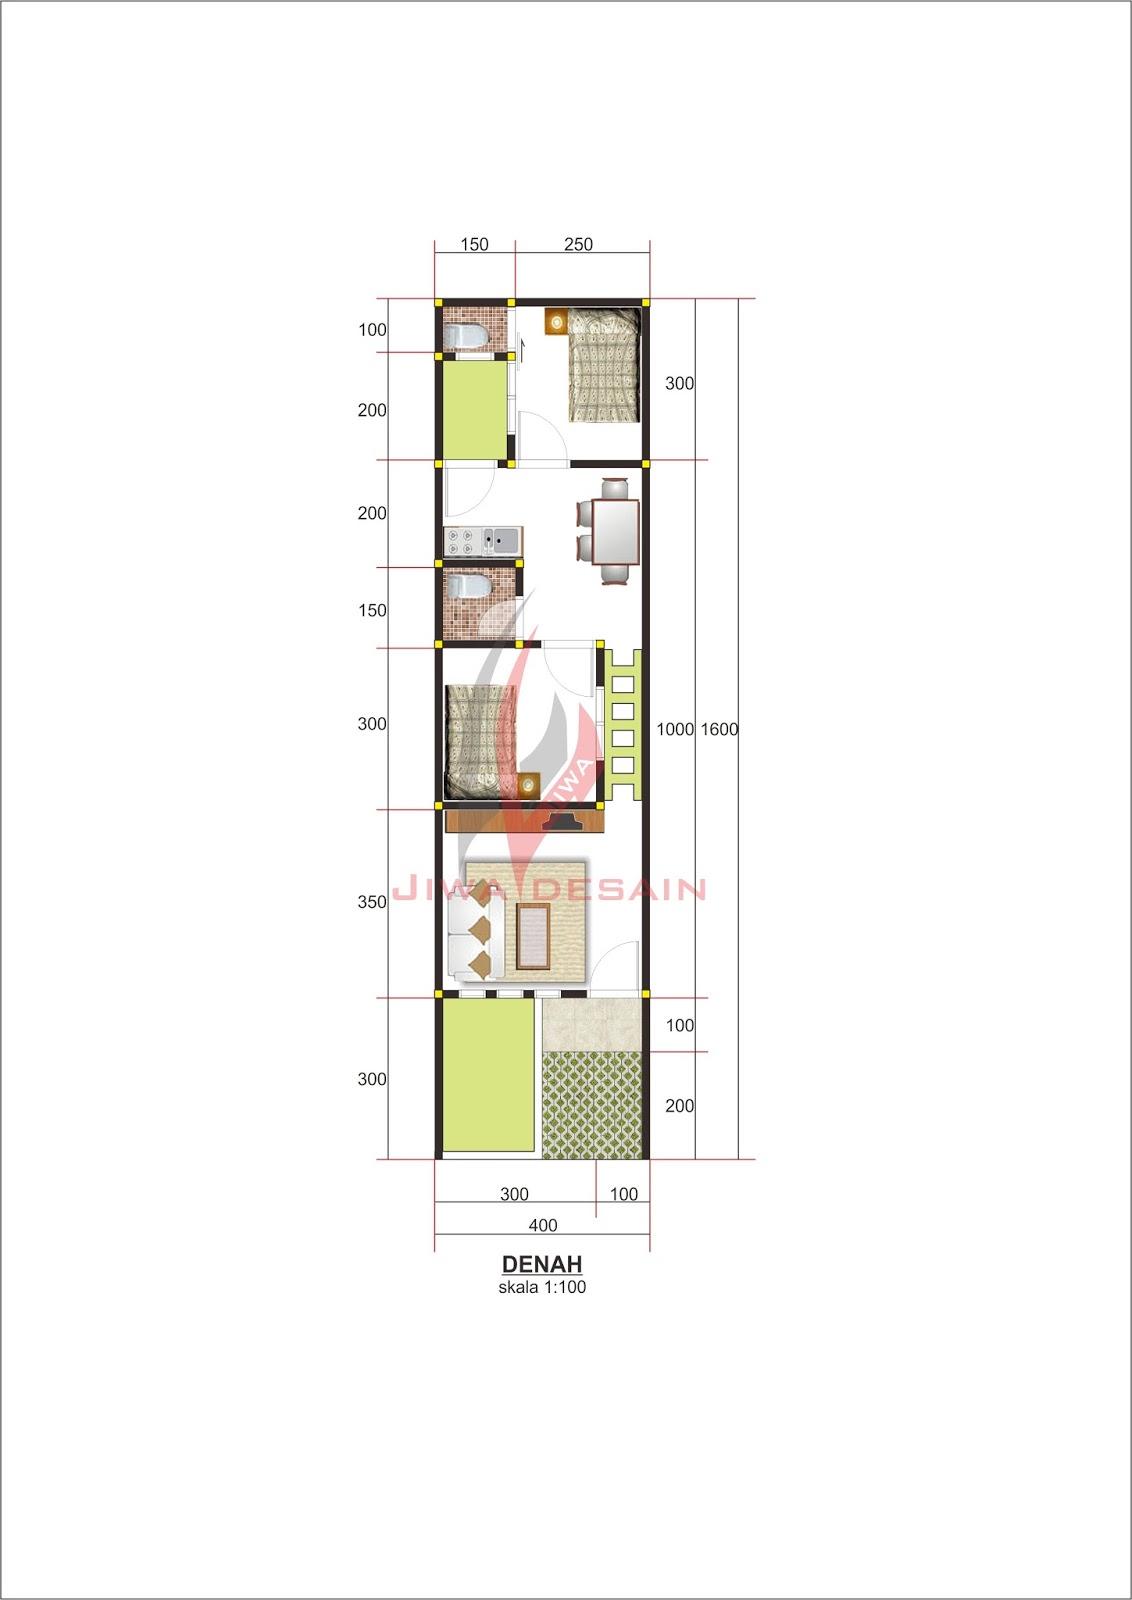 Denah Rumah Lebar 4 Meter Denah Rumah